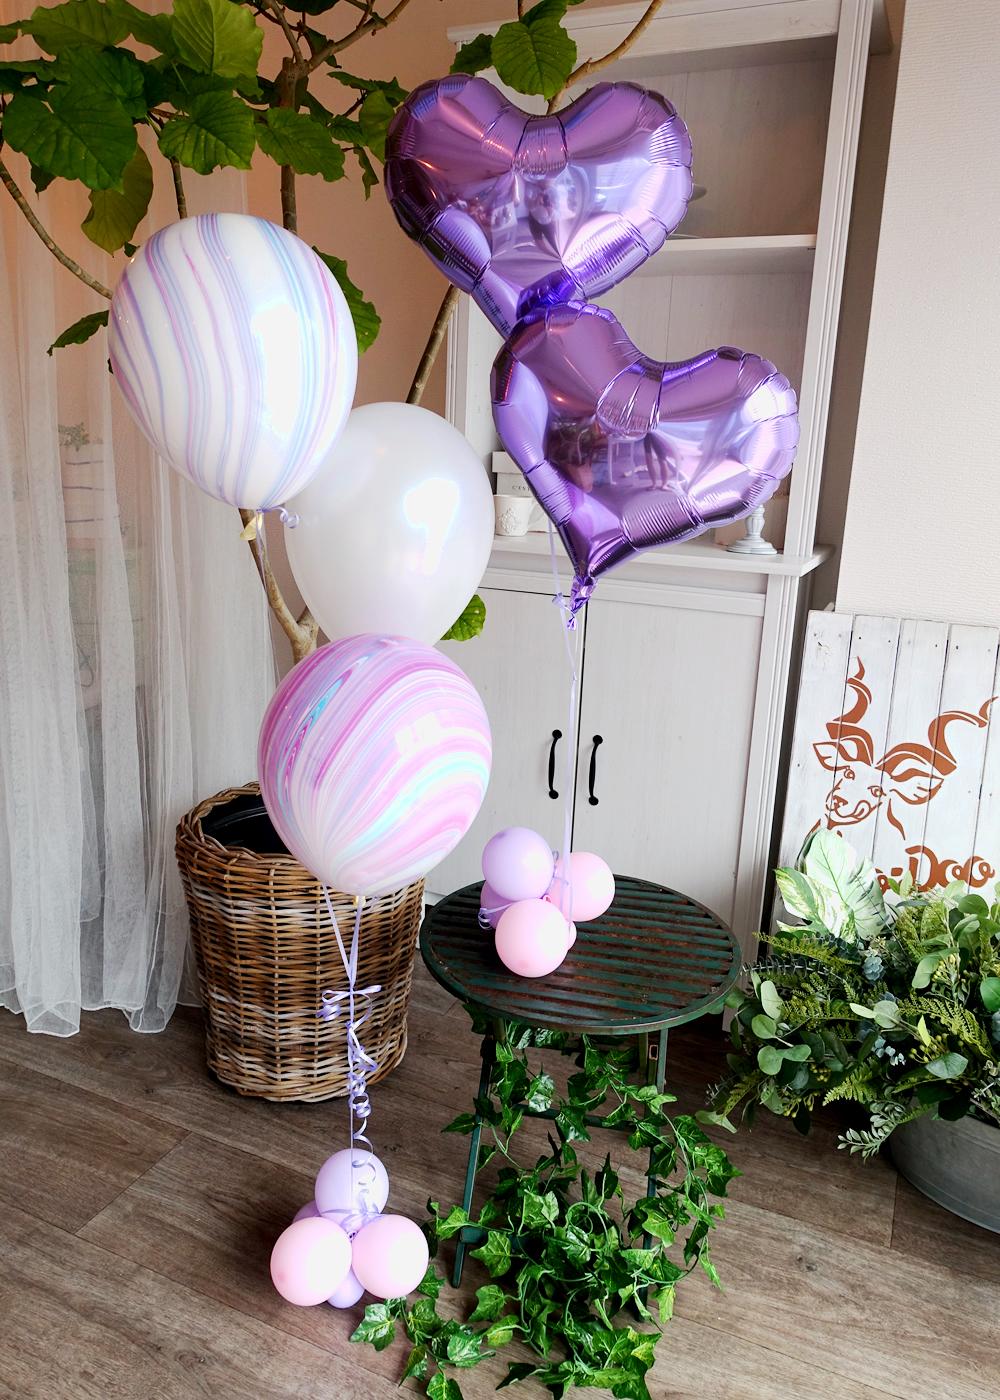 浮くバルーン バルーンギフト バルーンアレンジ 開店祝い 誕生日 結婚祝い バルーン電報 パーティ バルーンギフト通販ショップ KOO-DOO